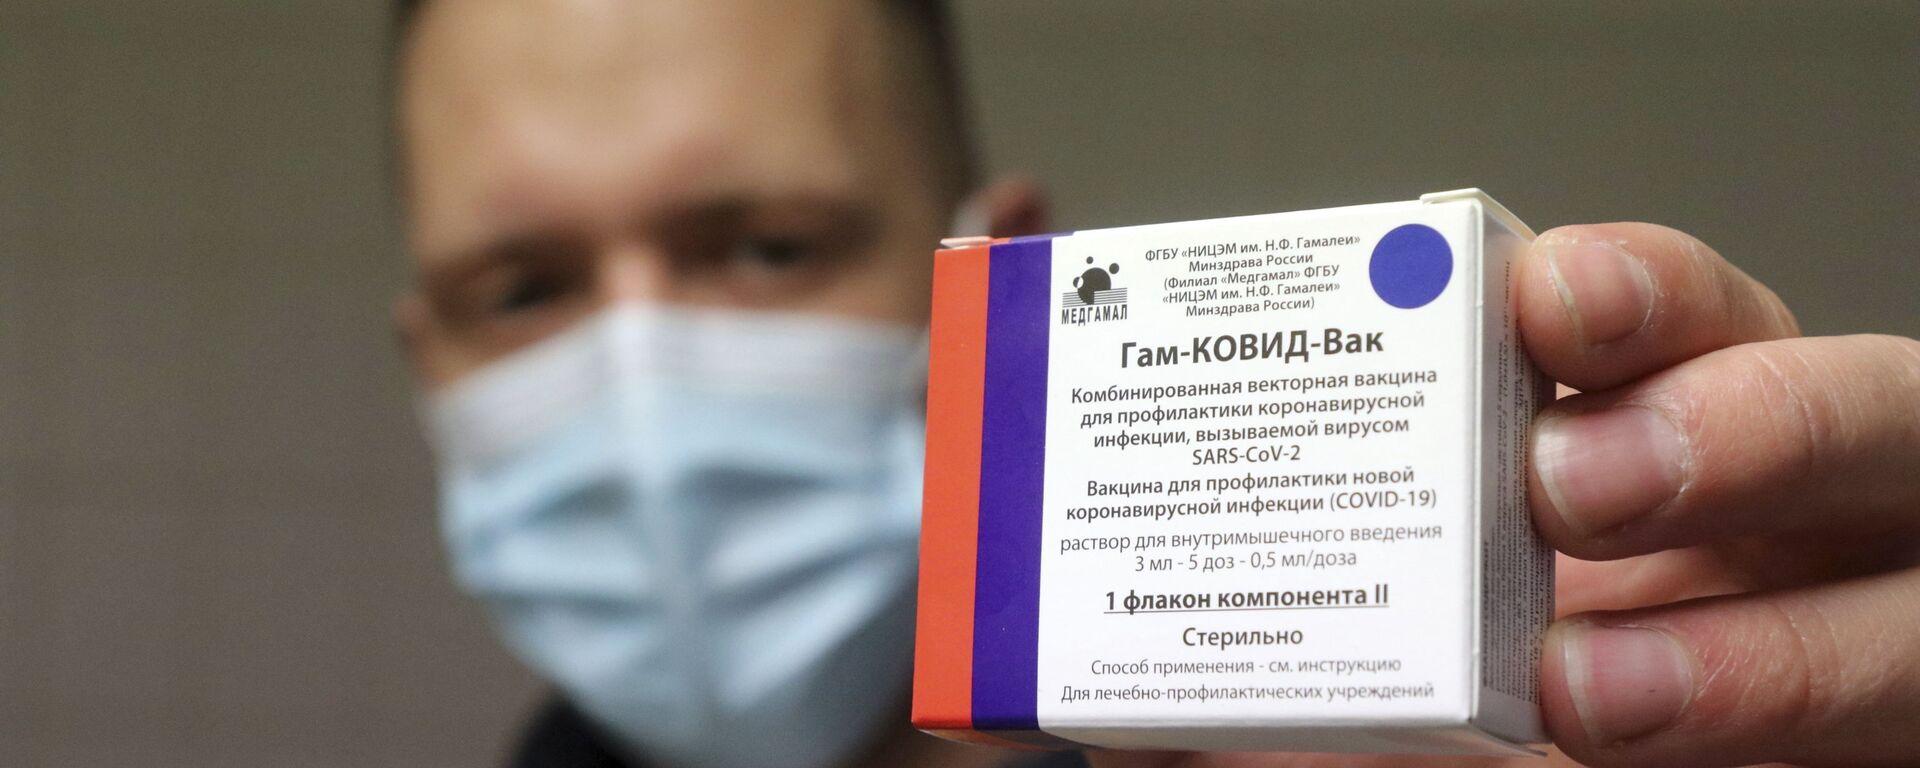 Rosyjska szczepionka przeciw koronawirusowi Sputnik V. - Sputnik Polska, 1920, 10.04.2021